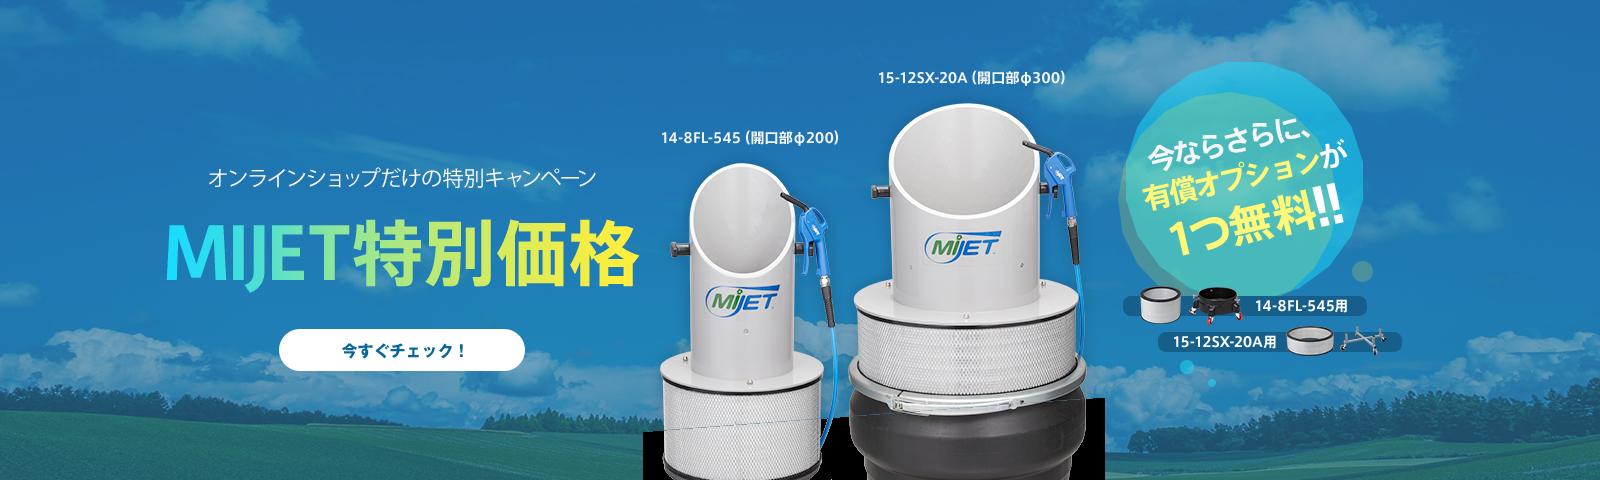 オンラインショップだけの特別キャンペーン MIJET特別価格